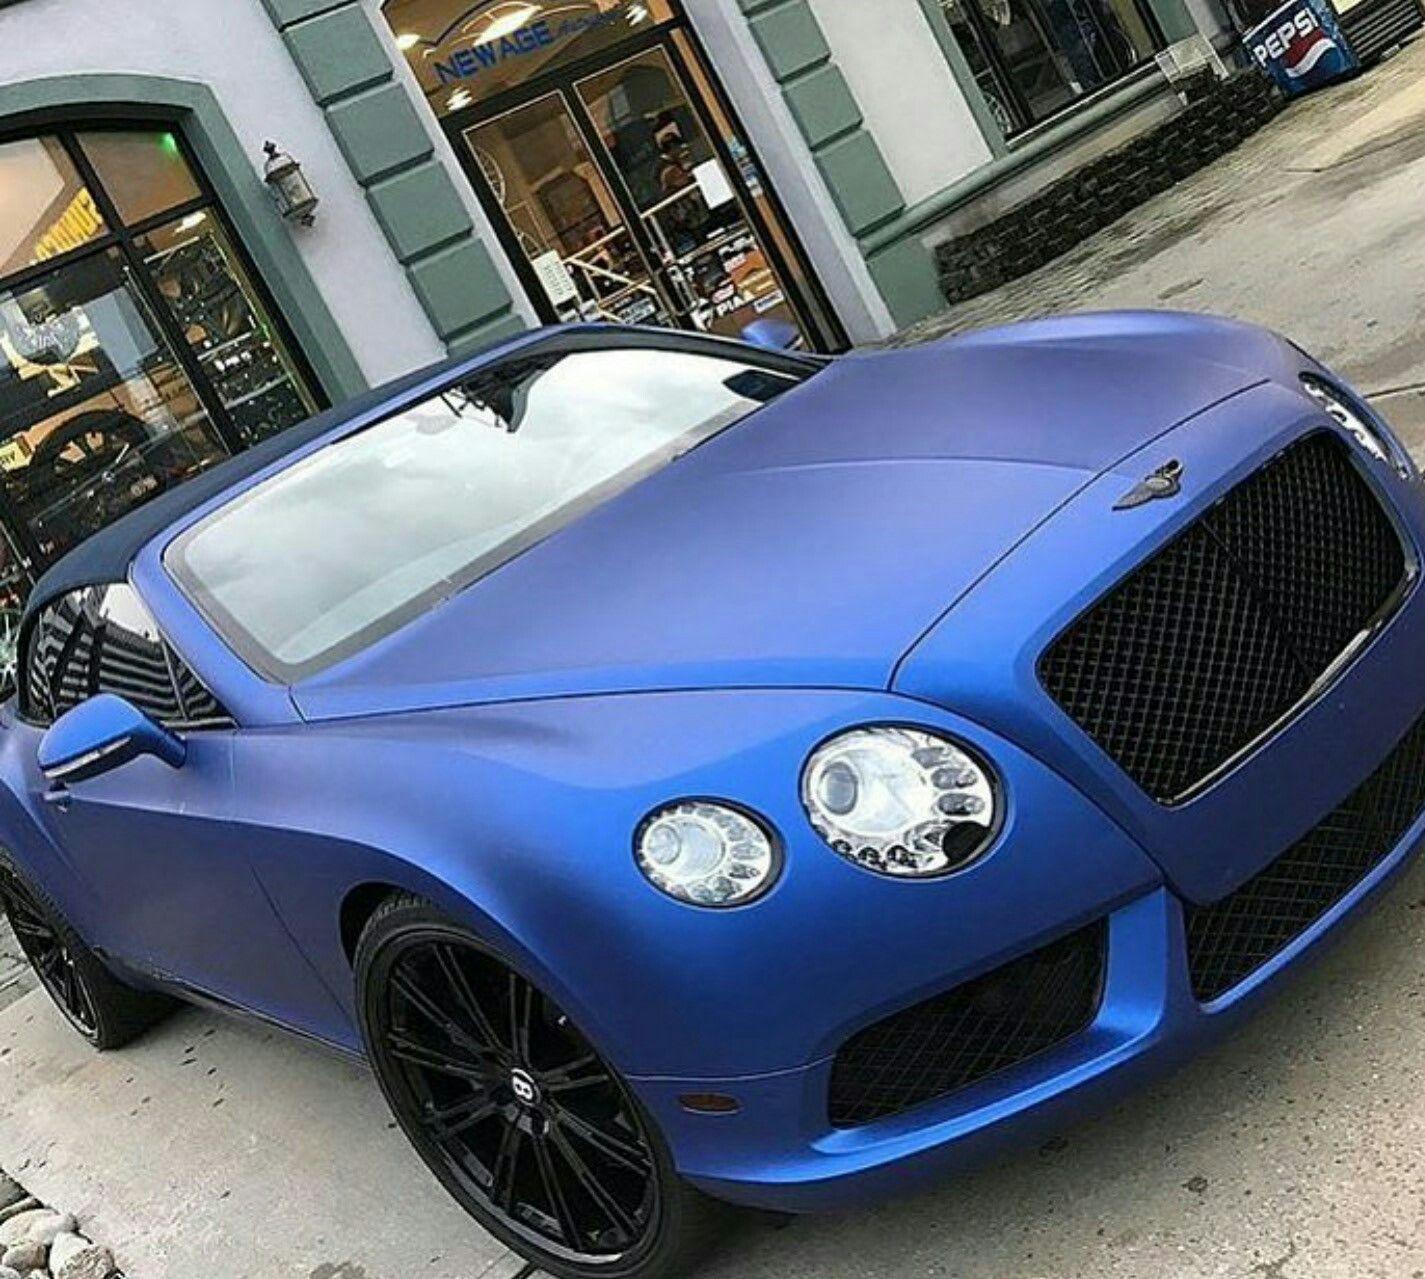 Bentley Continental Gt In Matte Blue Bentley Continental Gt Bentley Car Matte Cars